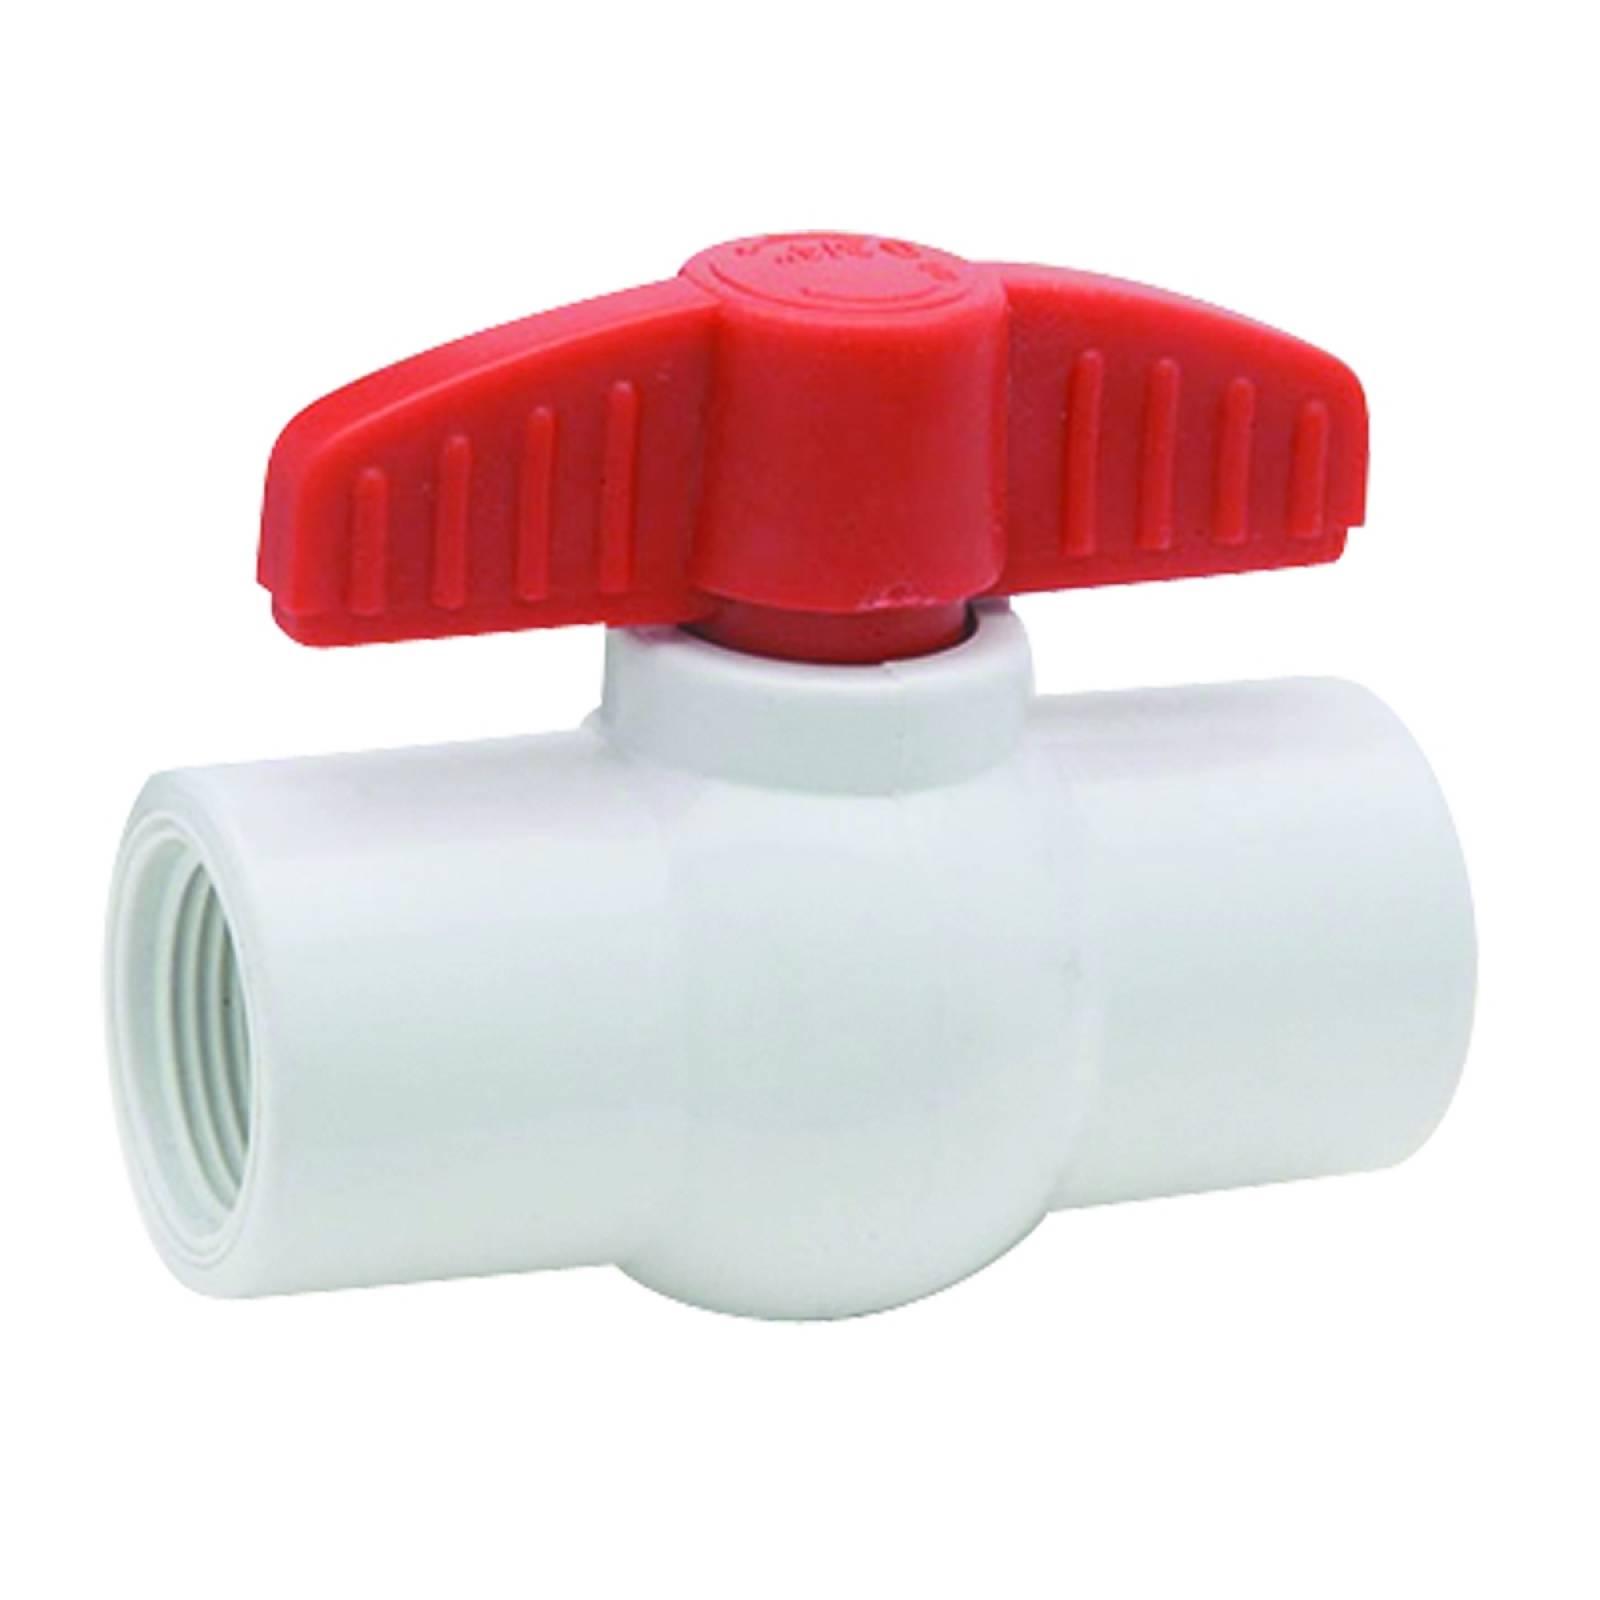 Válvula de esfera en PVC roscable 3/4in 4570.19 DICA